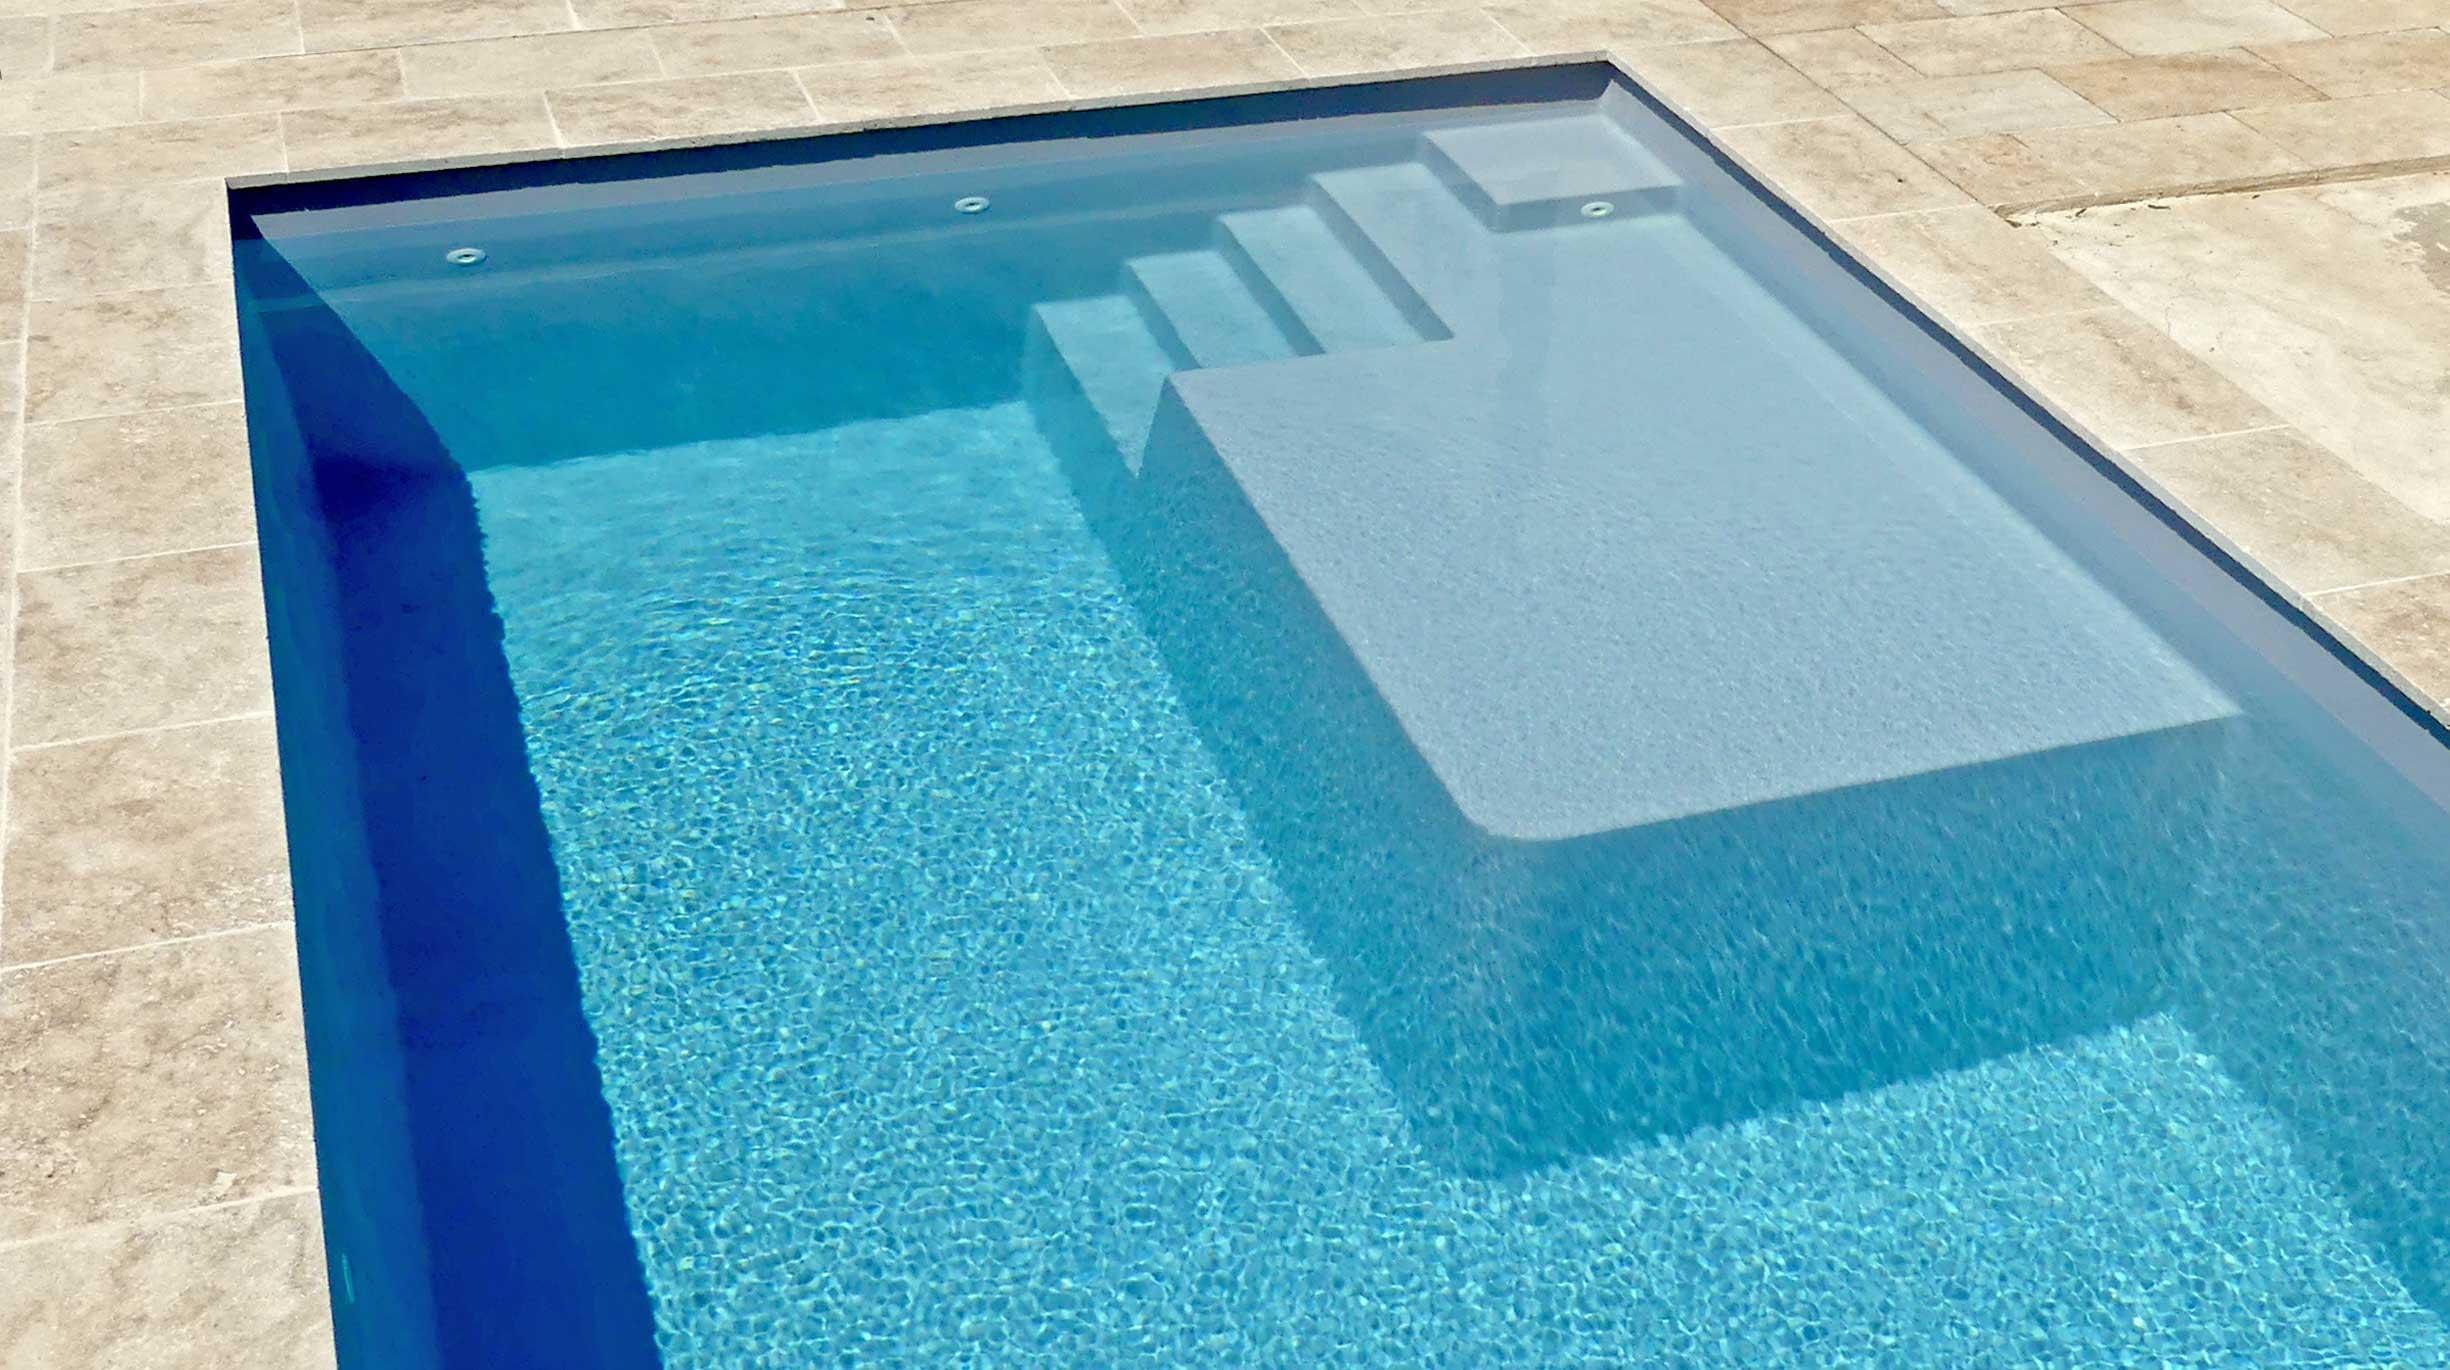 gp_actu_aout_piscine-famille_canet Des piscines familiales design conçues pour s'amuser et se détendre